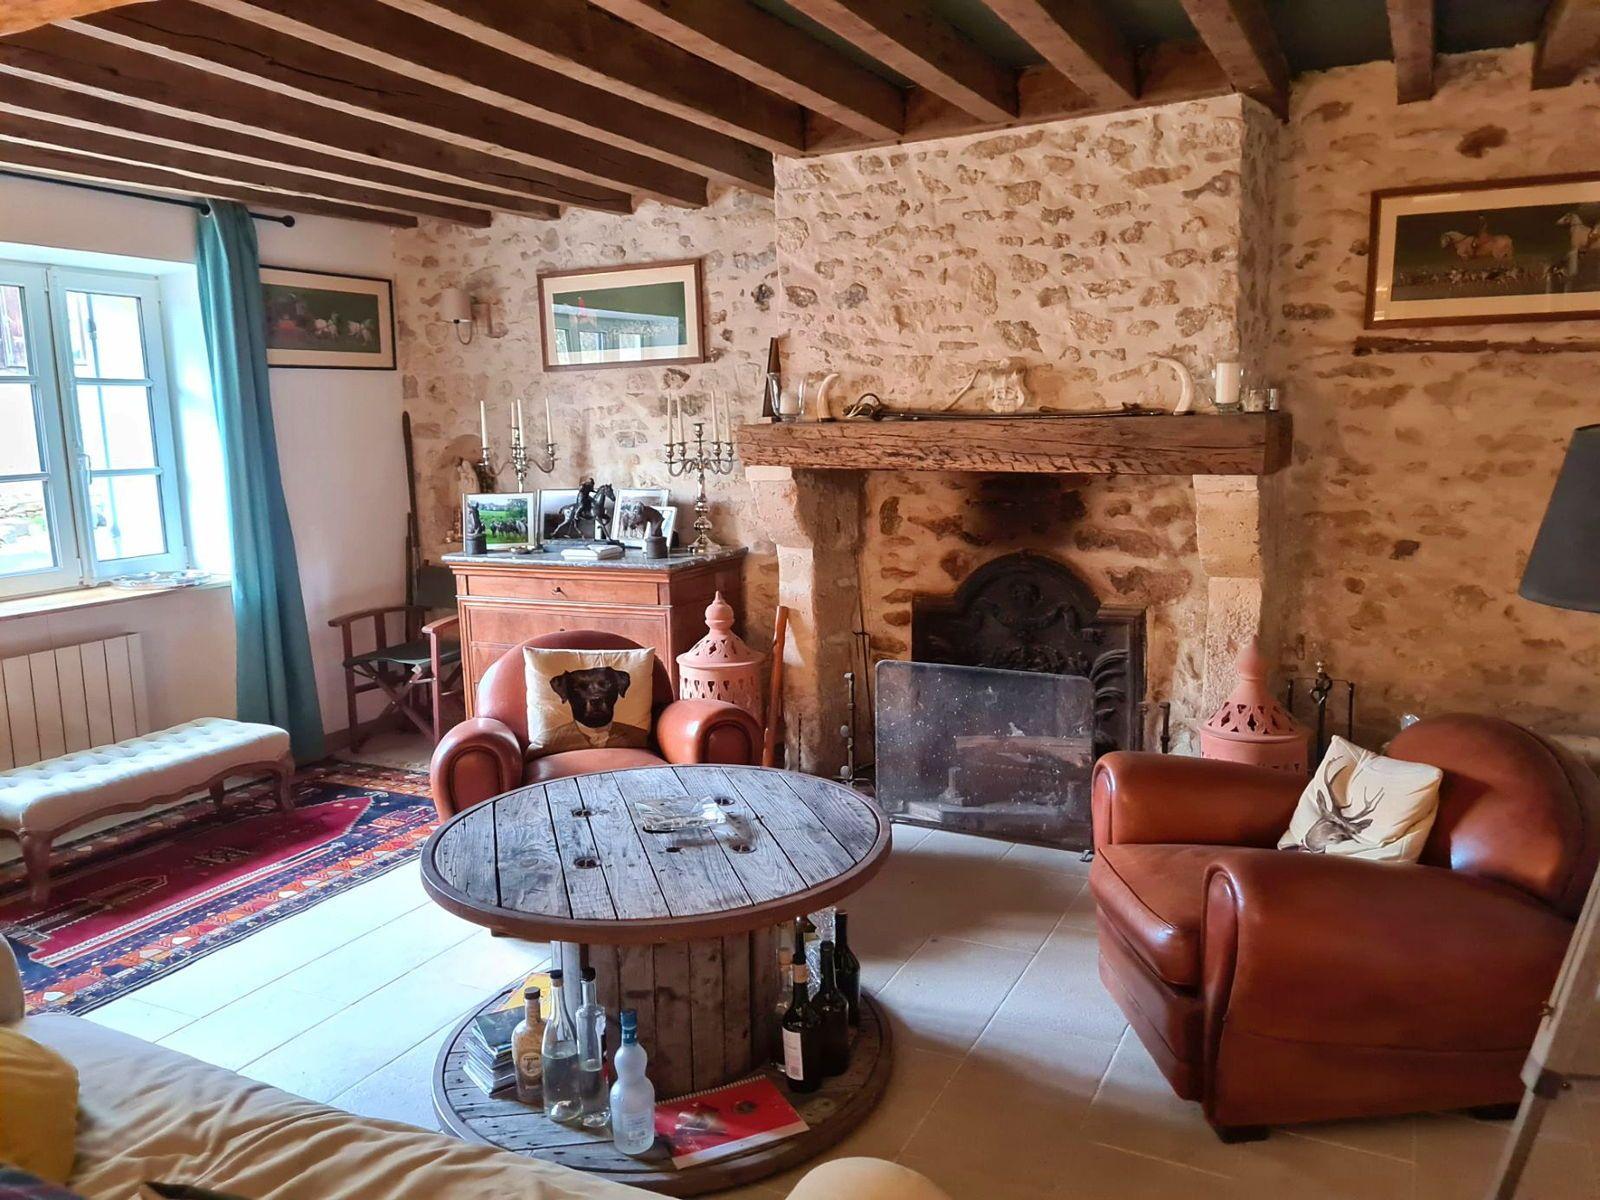 Vends achat maison ancienne de 160m² avec son studio - 4chambres - Senlis (60)